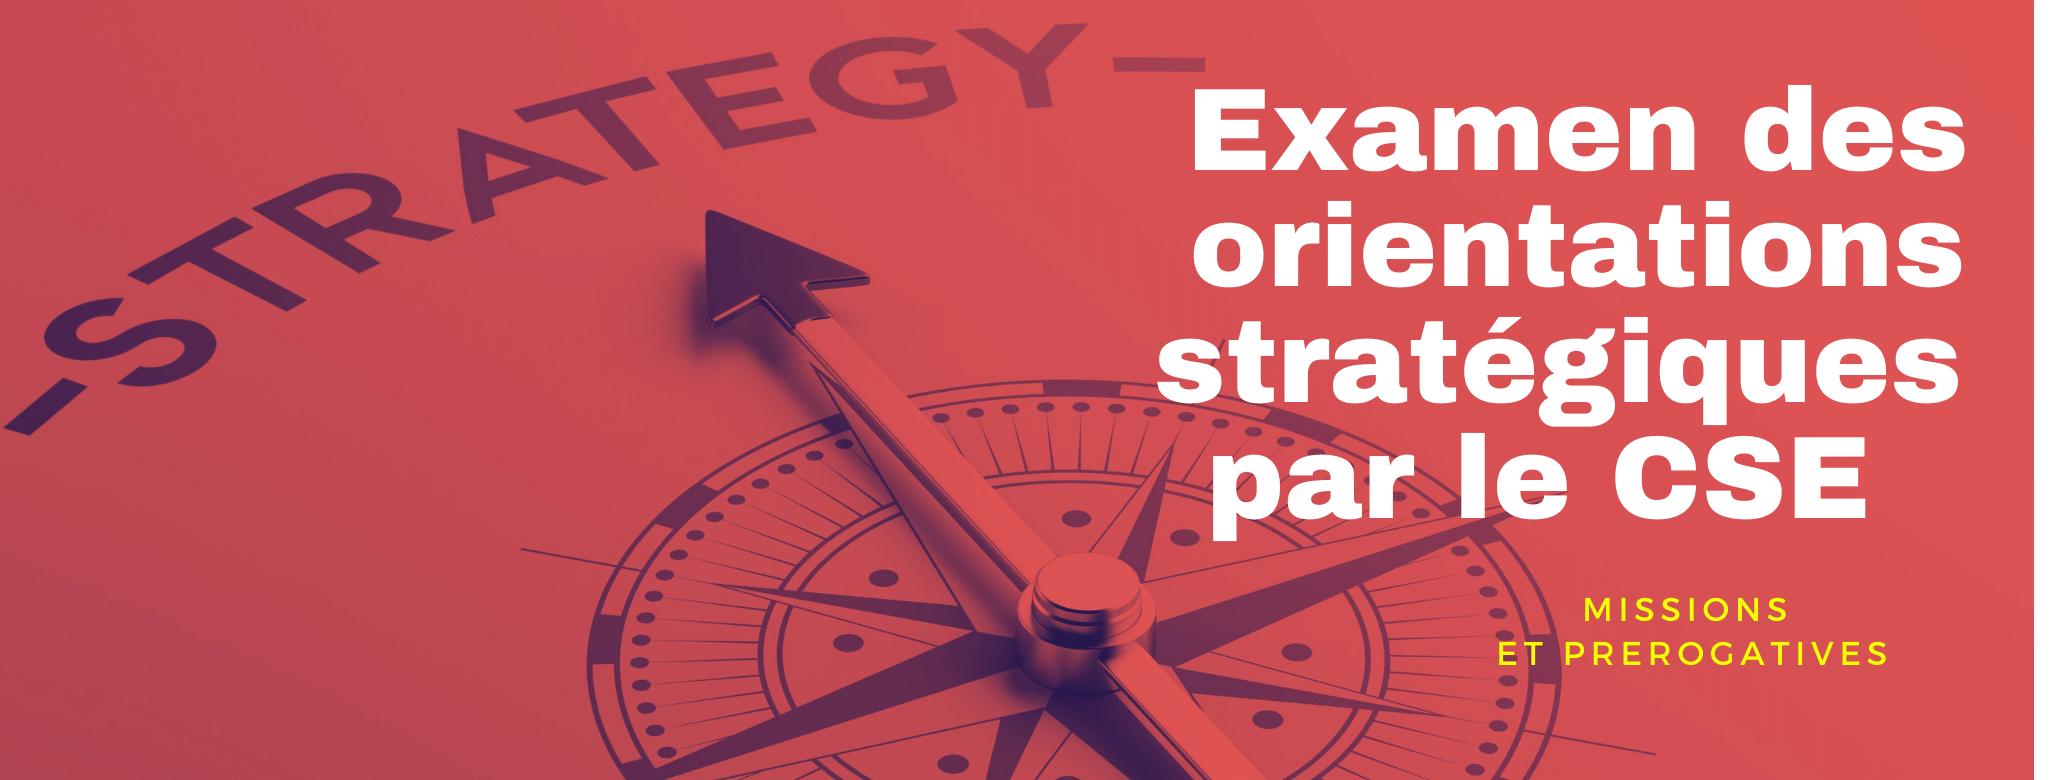 examen des orientations stratégiques les experts cse